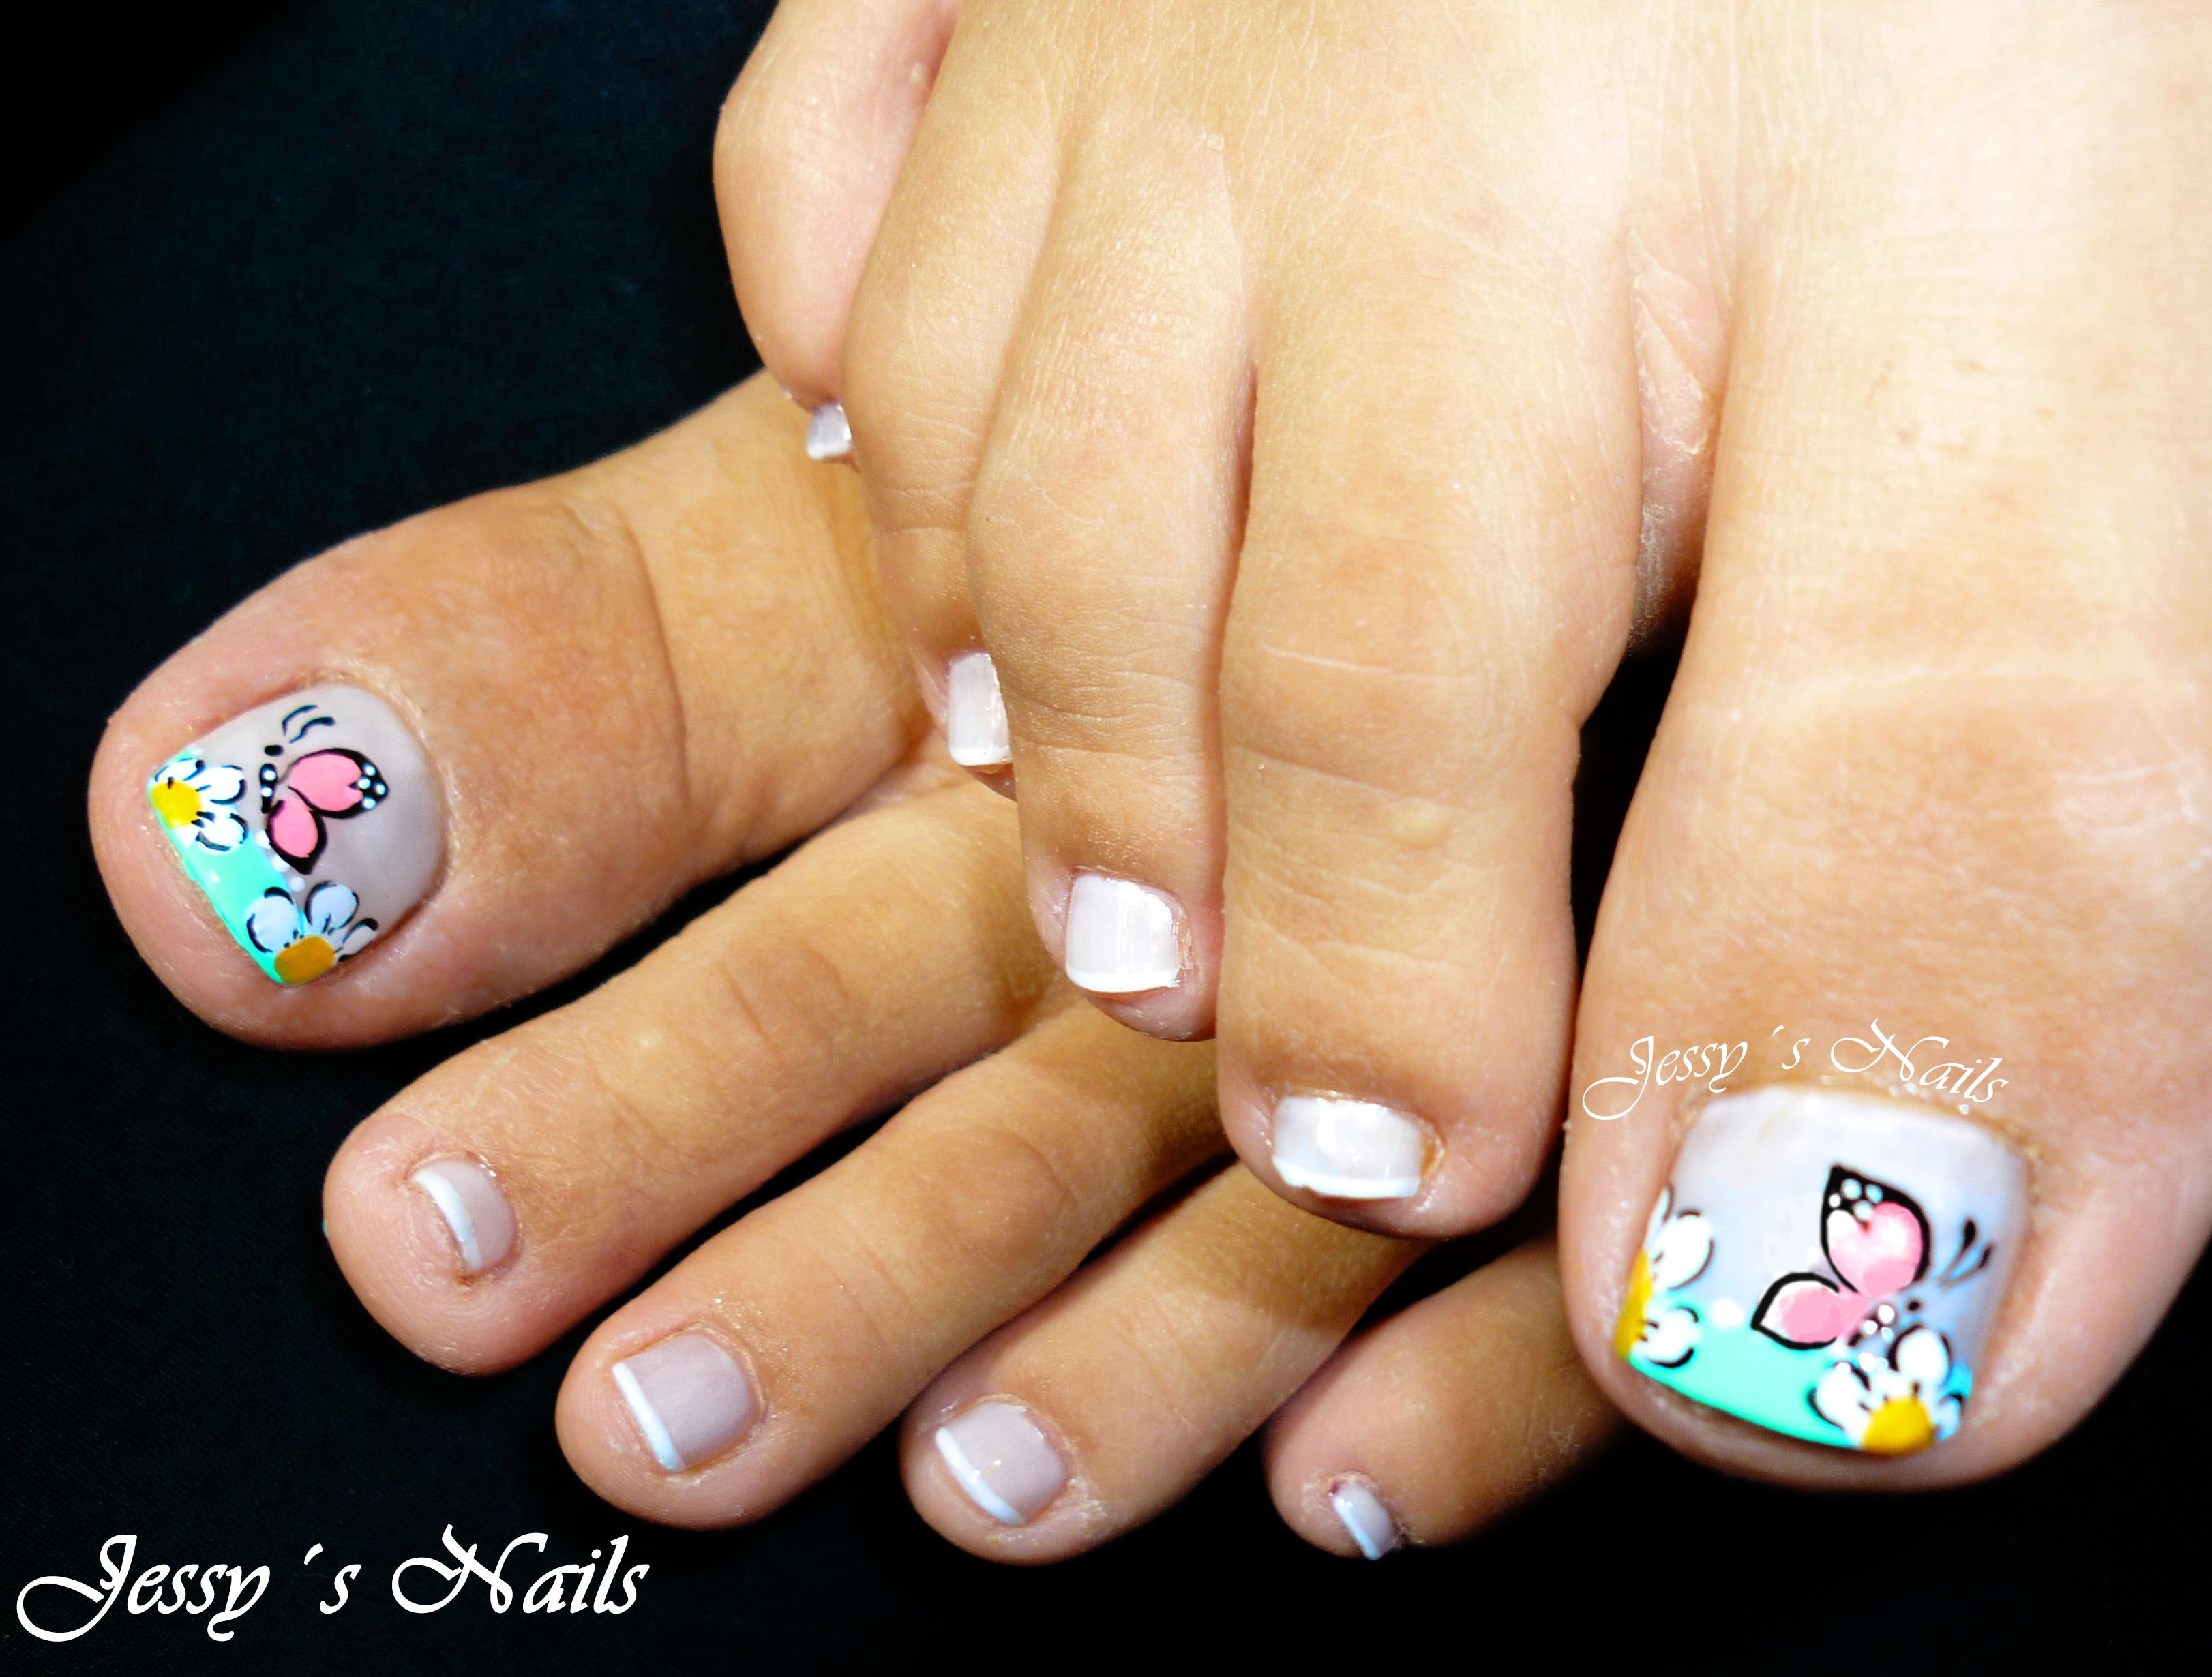 Decoraci n de u as de los pies 181 dise os hermosos - Unas de pies decoradas ...